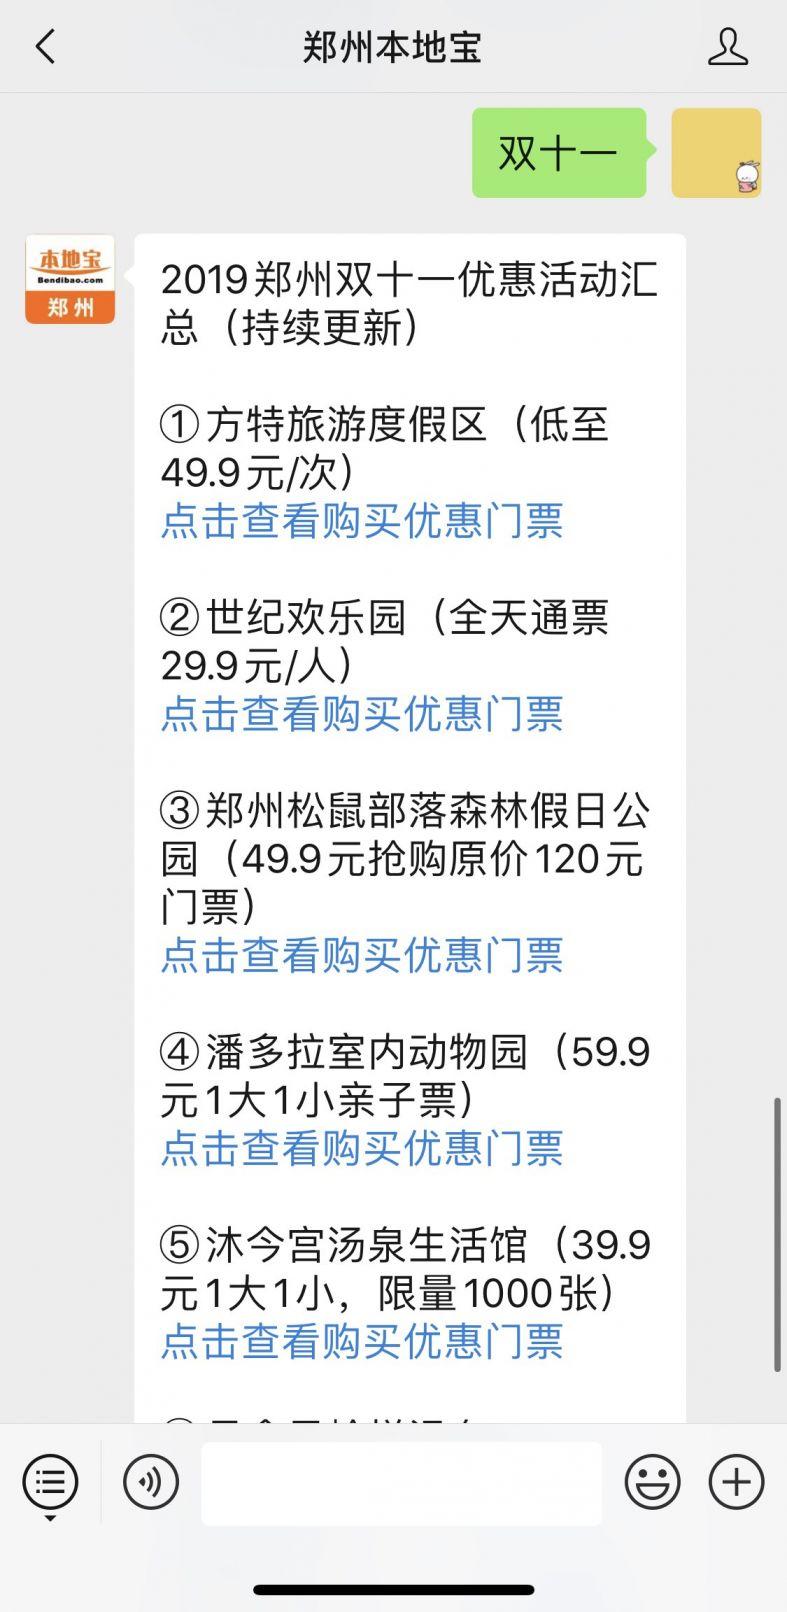 2019郑州方特双十一最新活动